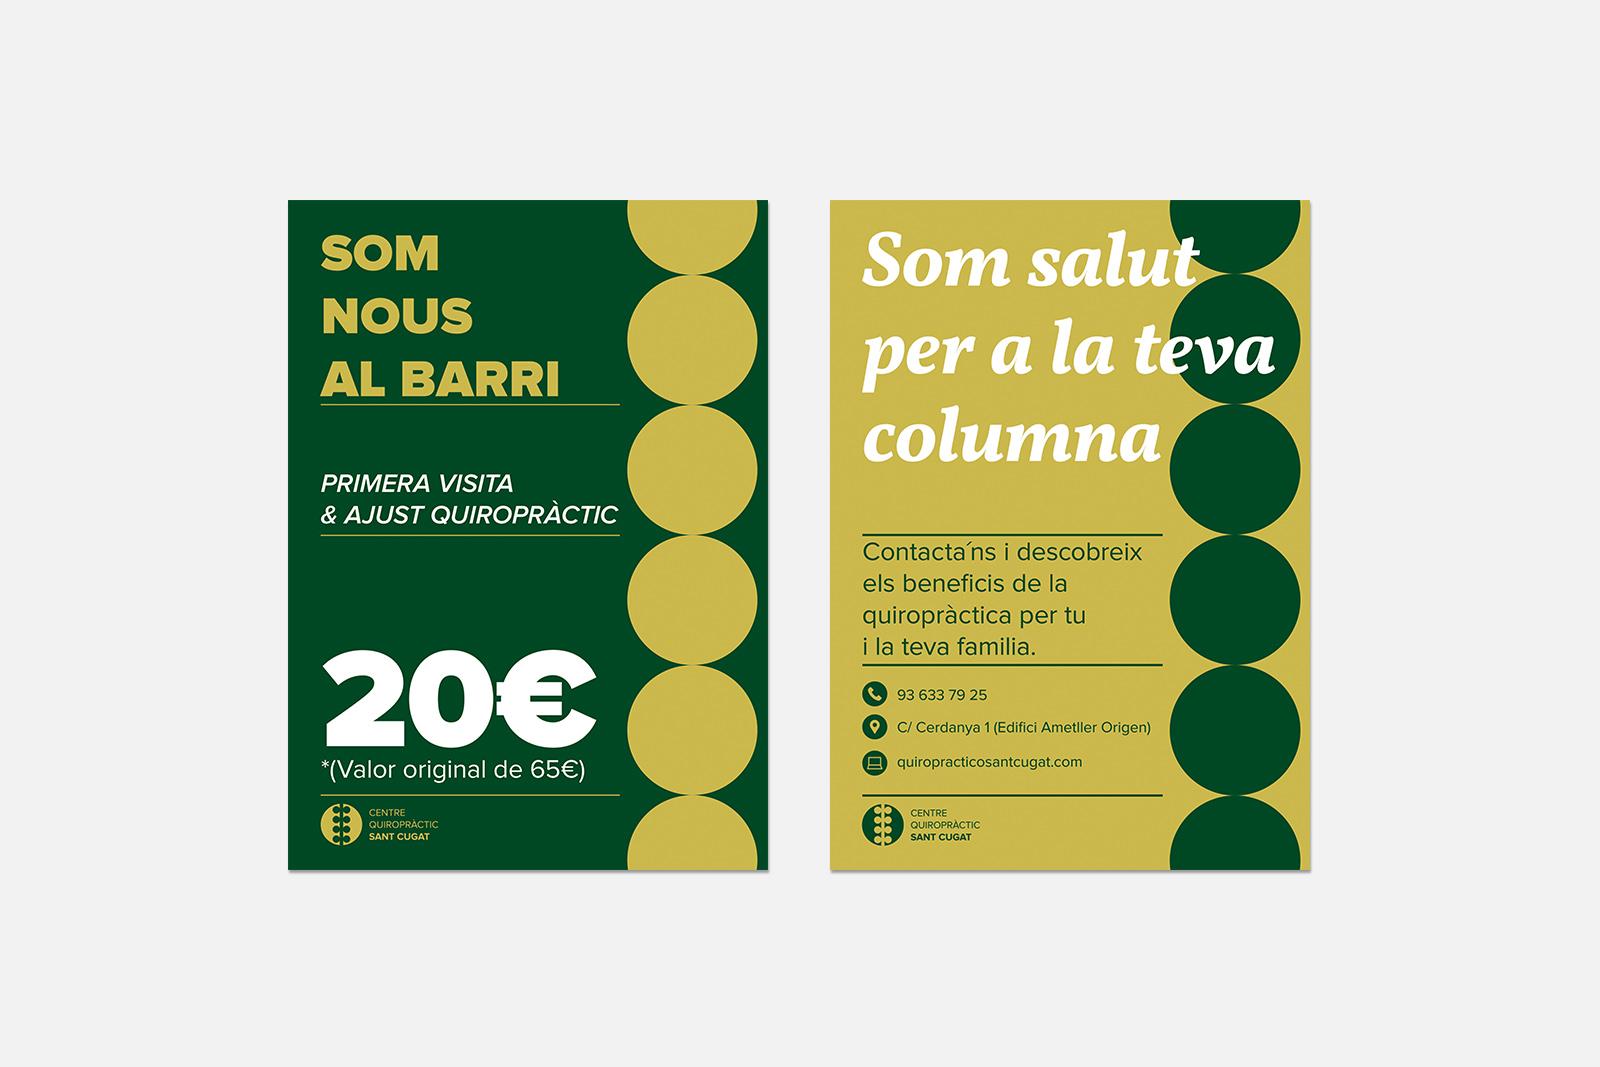 Flyer Centro Quiropráctico Sant Cugat